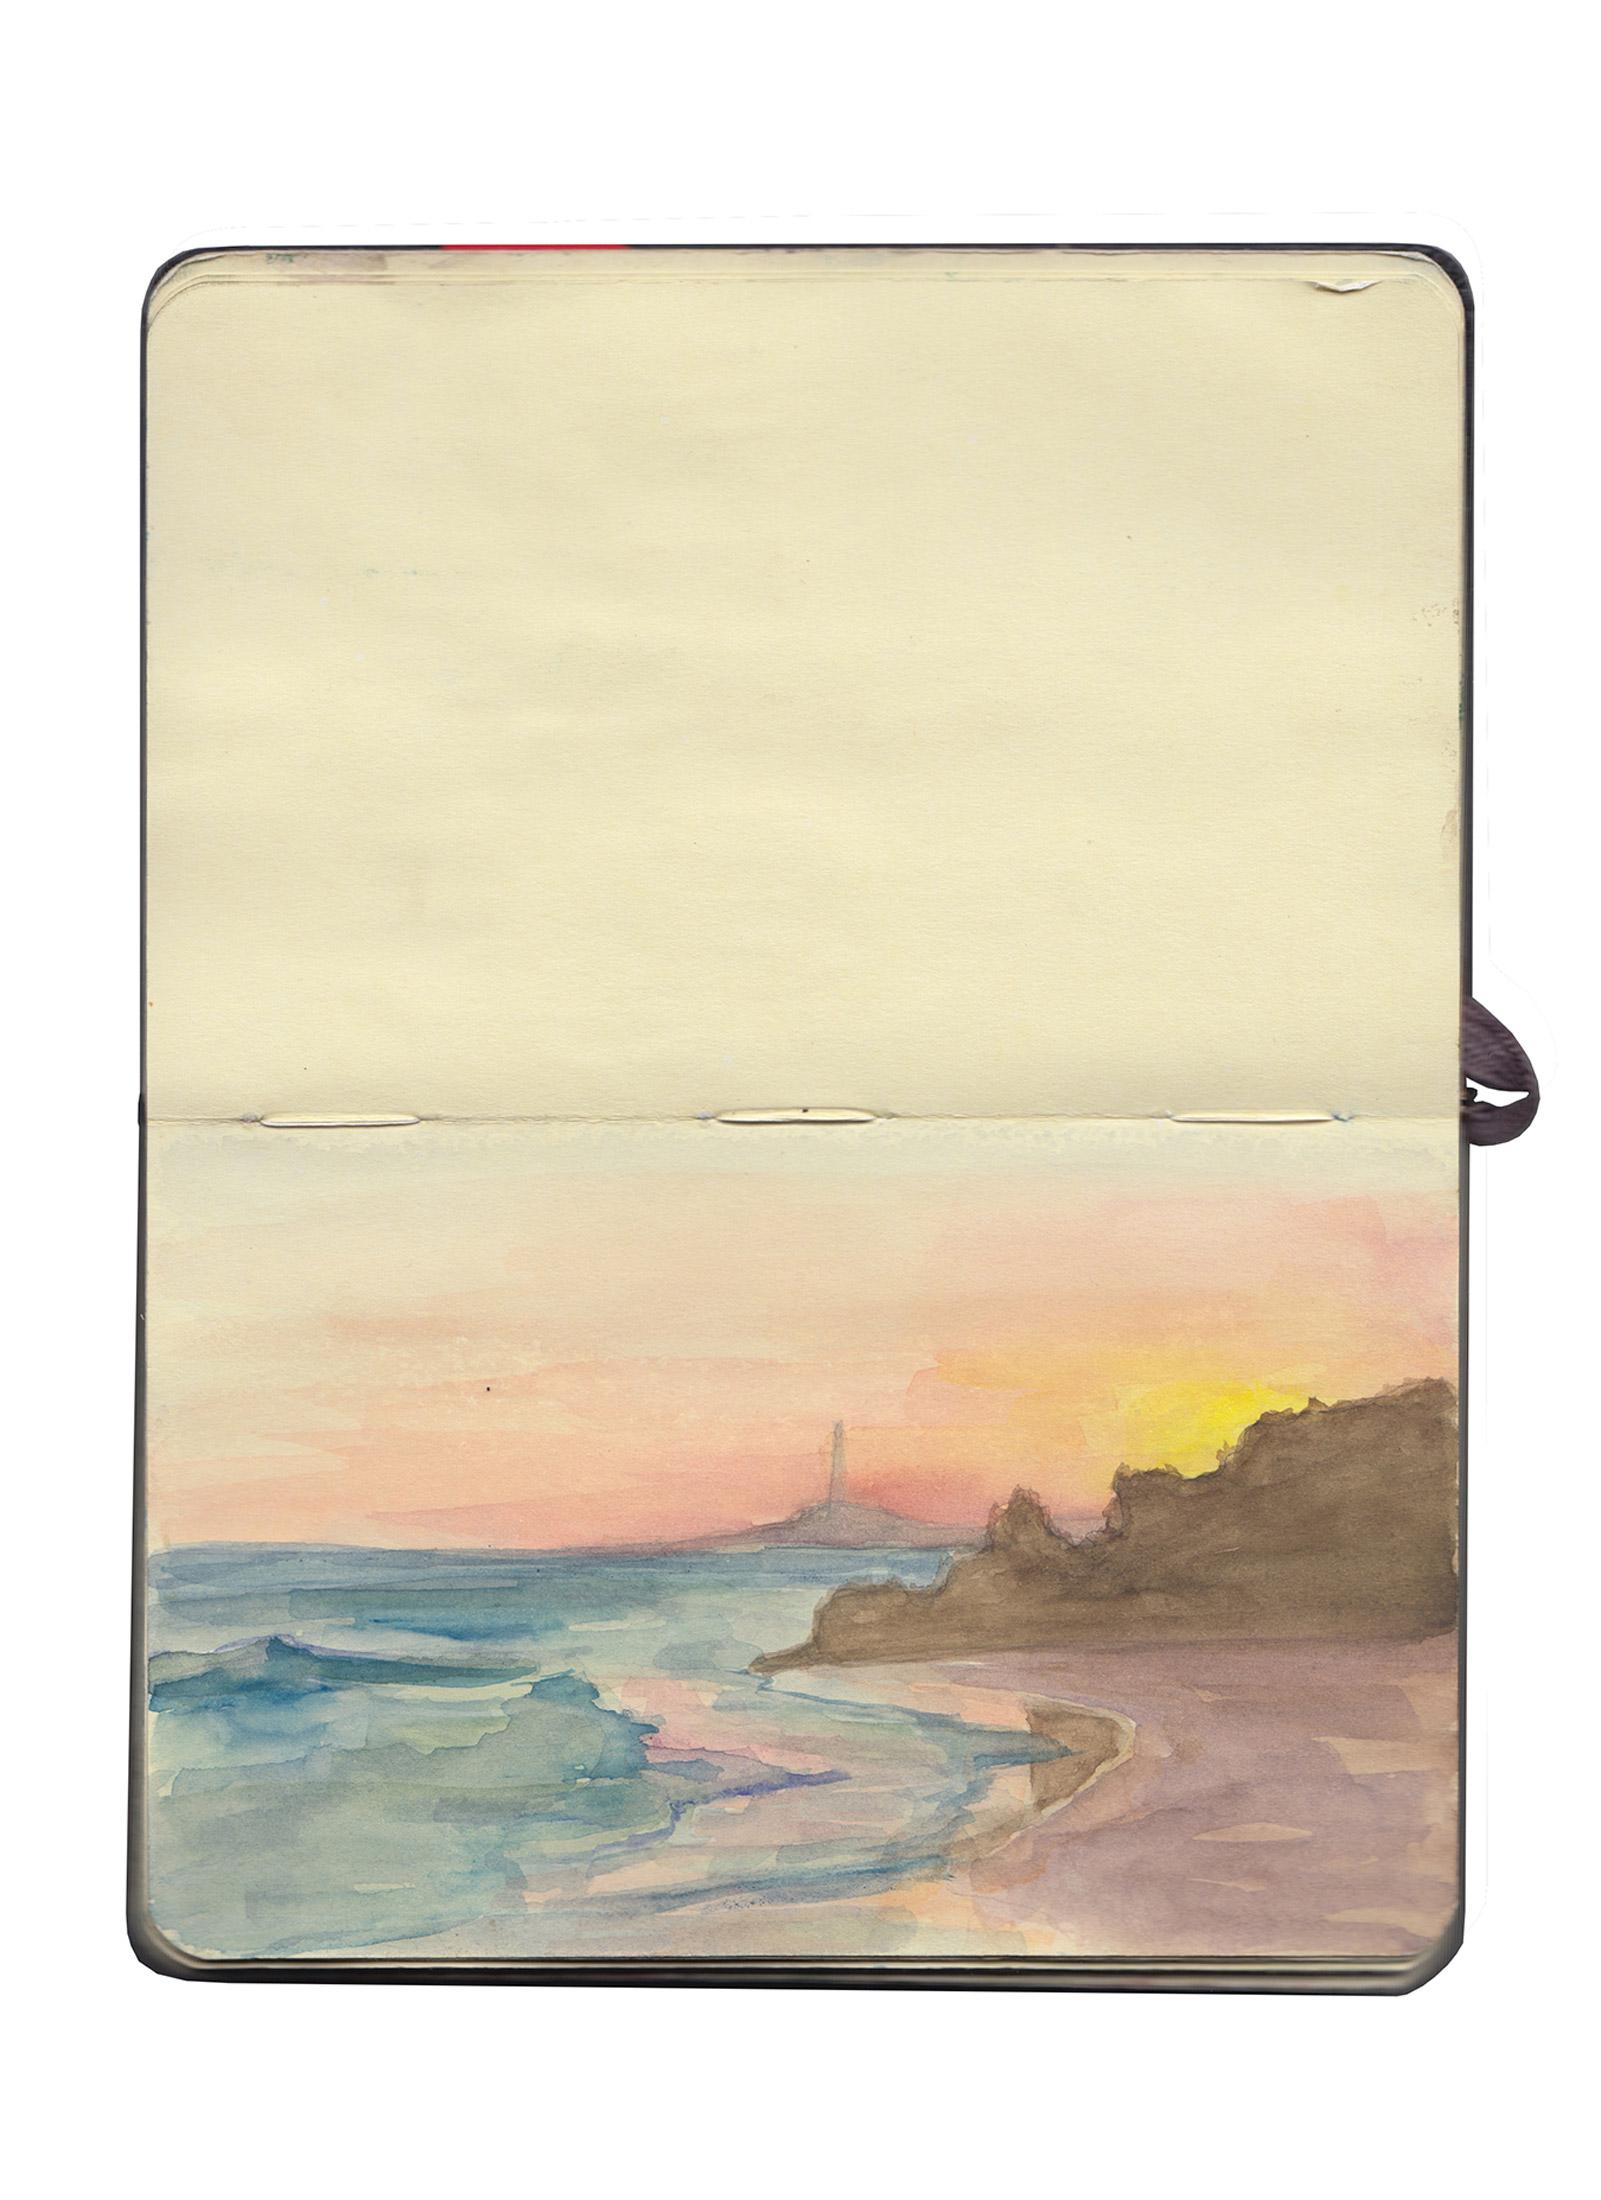 Atardecer en el faro de Conil, Cádiz, España Acuarela de 6 minutos sobre cartulina de Moleskine Sketchbook de 9x14 cm Septiembre 2012